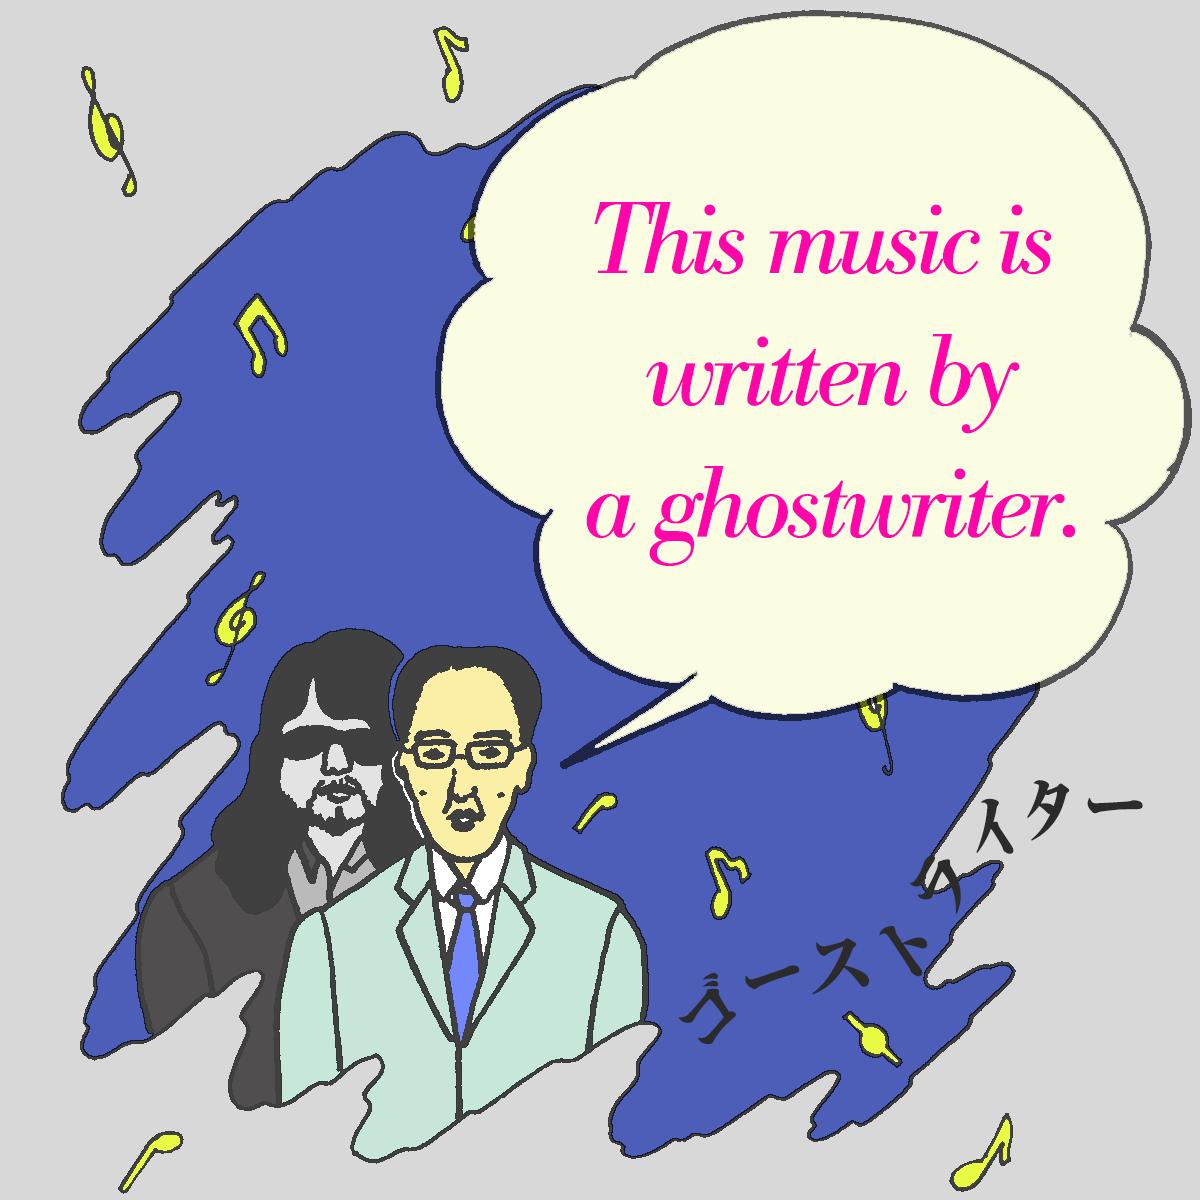 「ゴーストライター」から学ぶ<br>This music is written by a ghost writer.